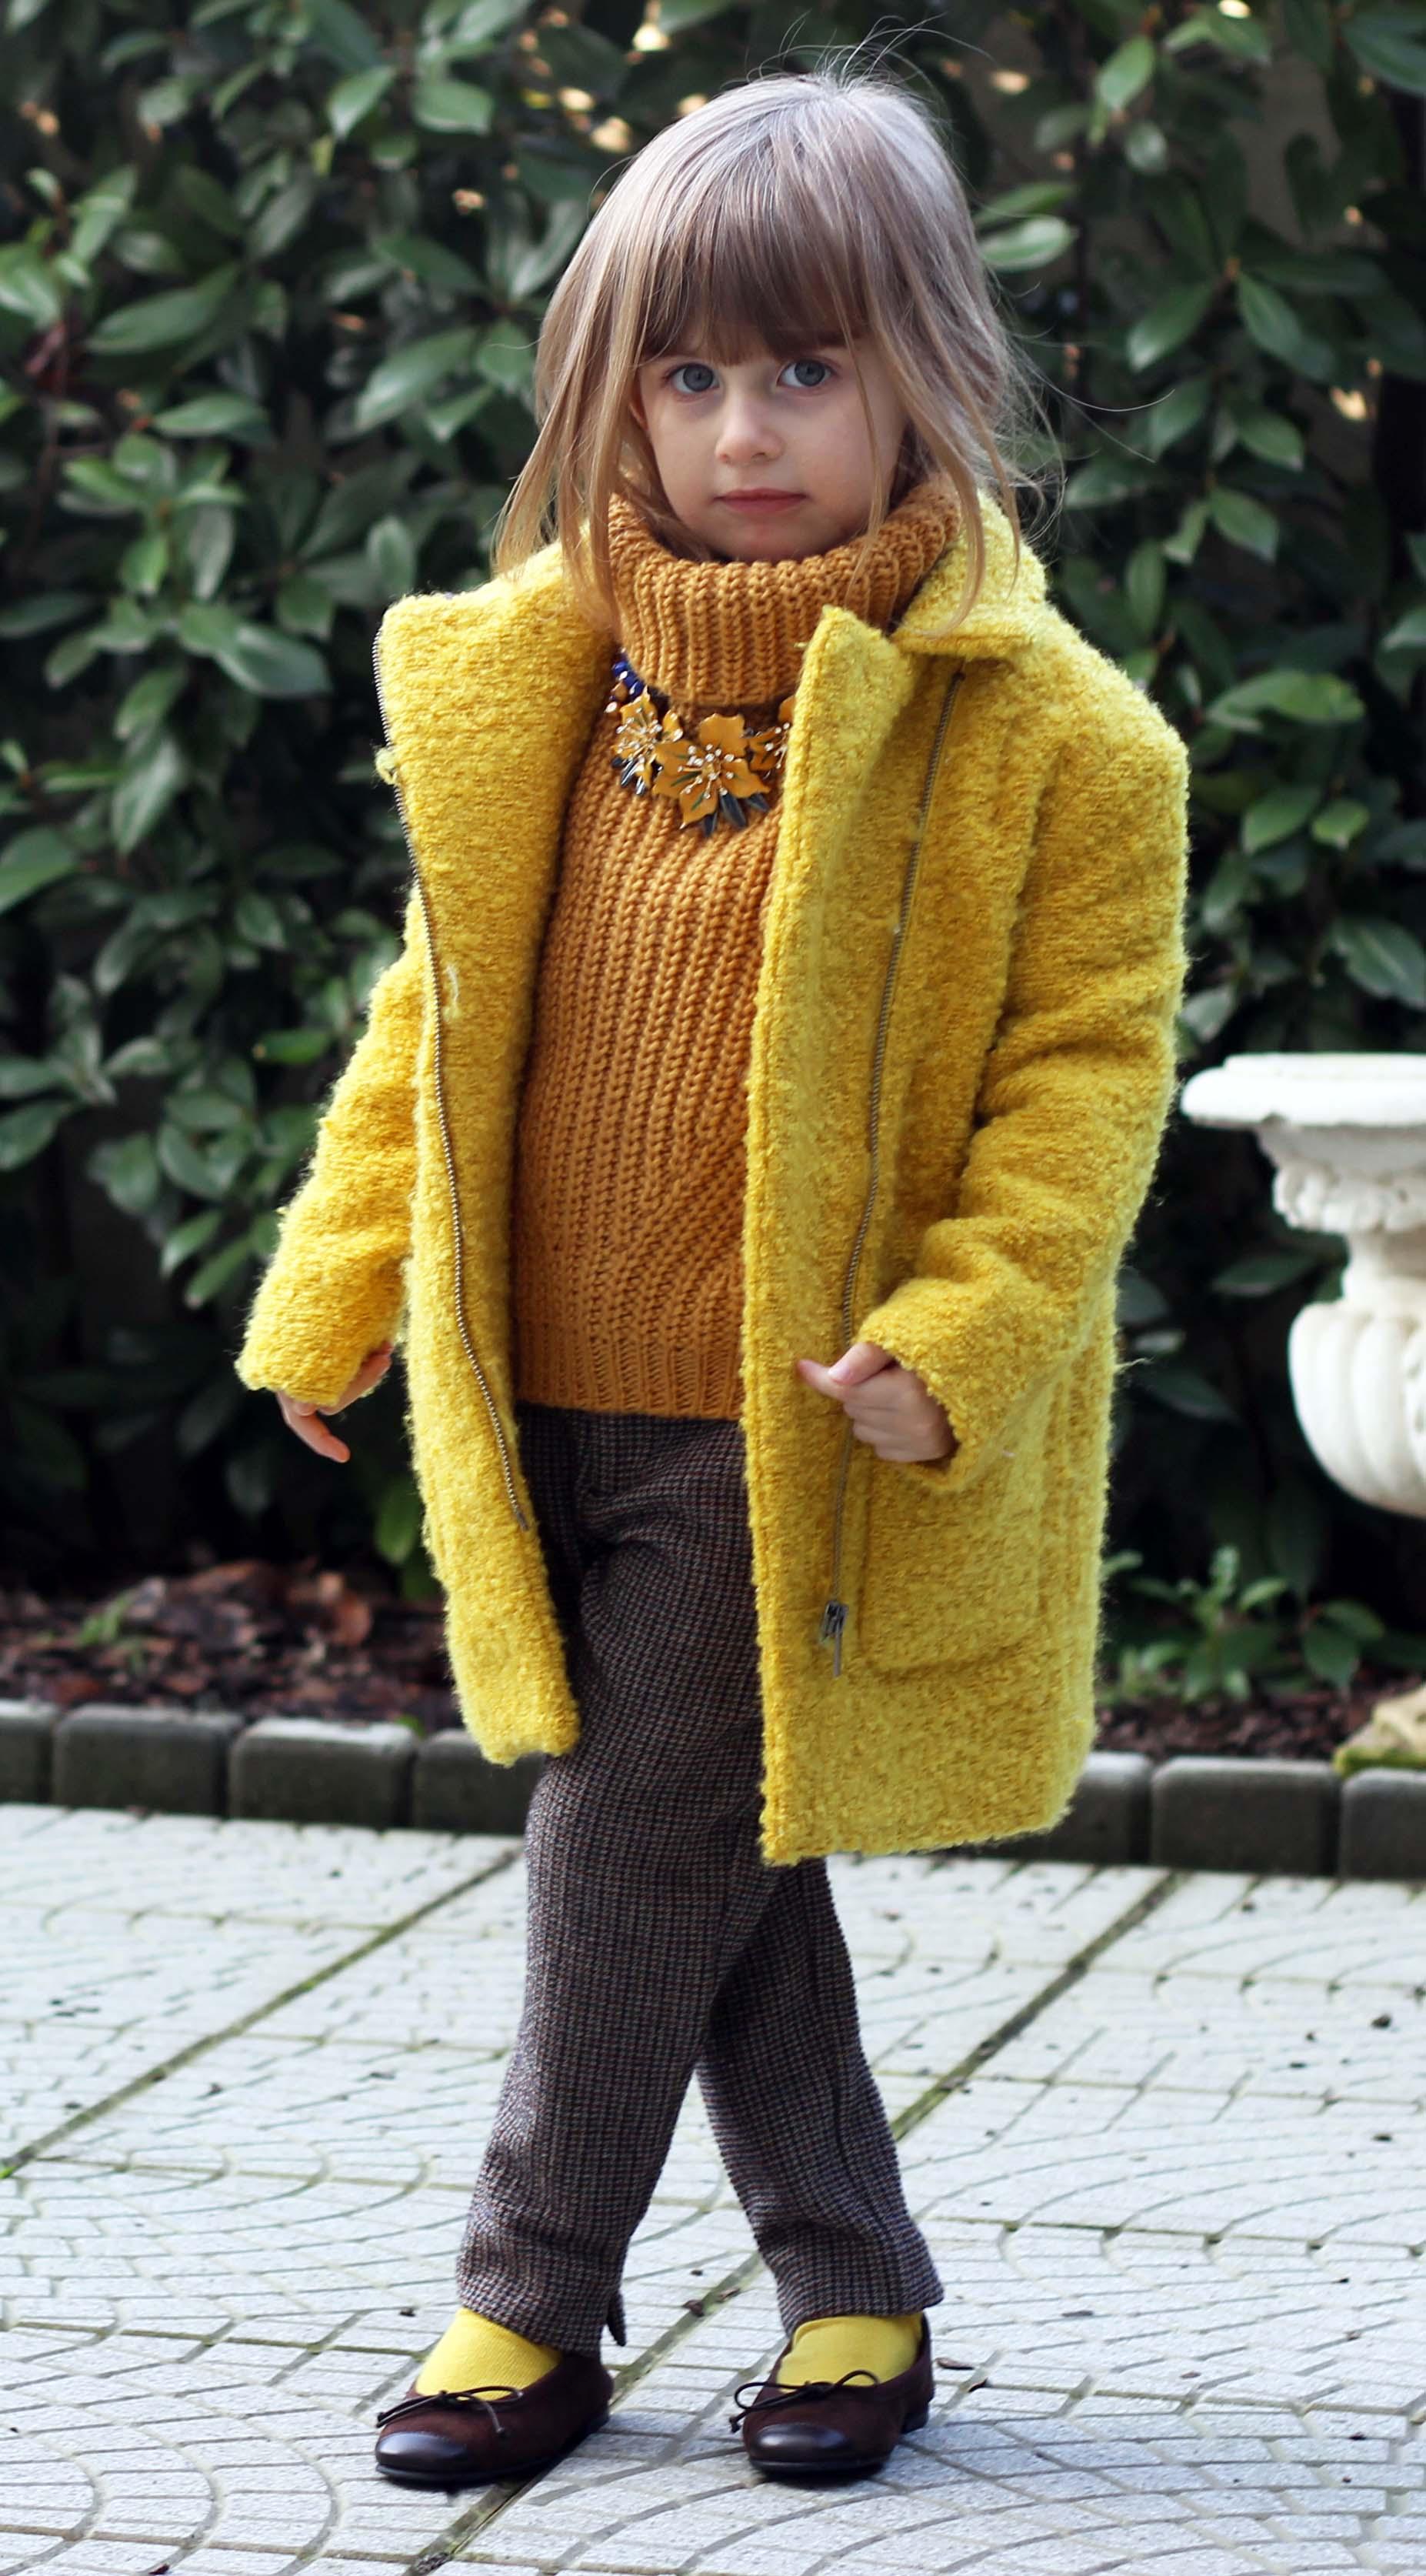 moda bimba gaia masseroni cappotto giallo kiabi bimba